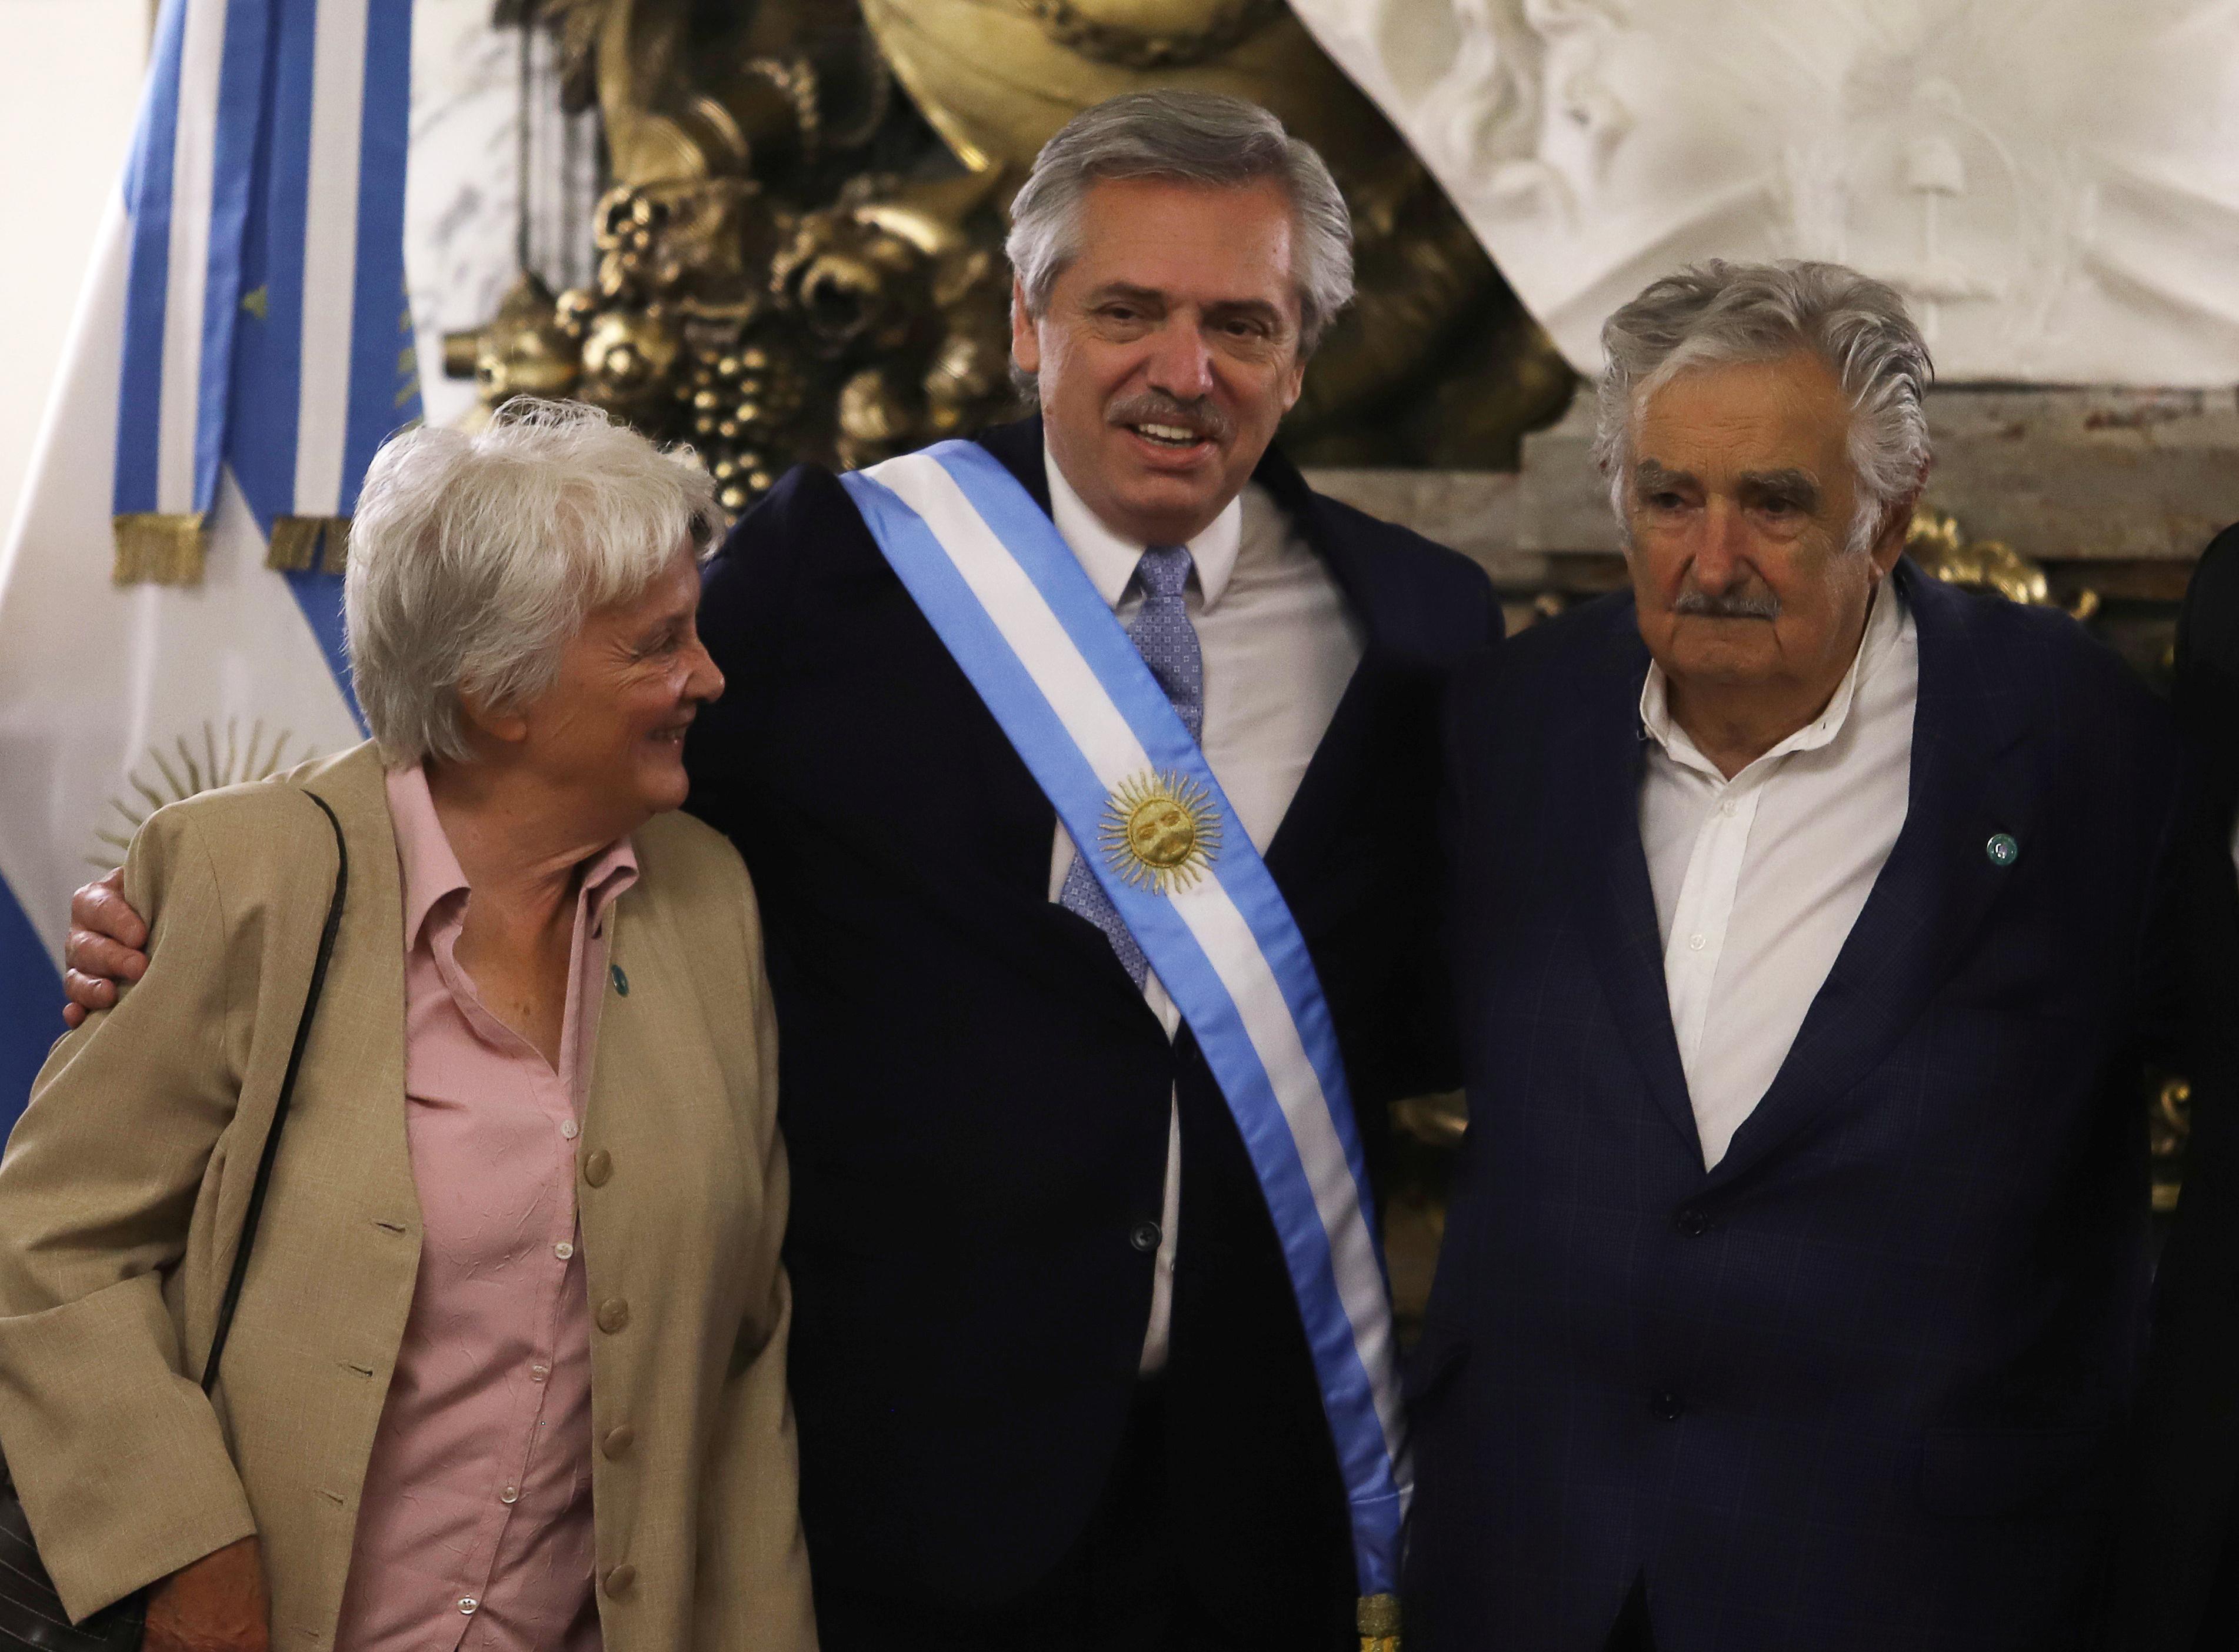 El presidente Alberto Fernández junto al ex mandatario de Uruguay José Pepe Mujica